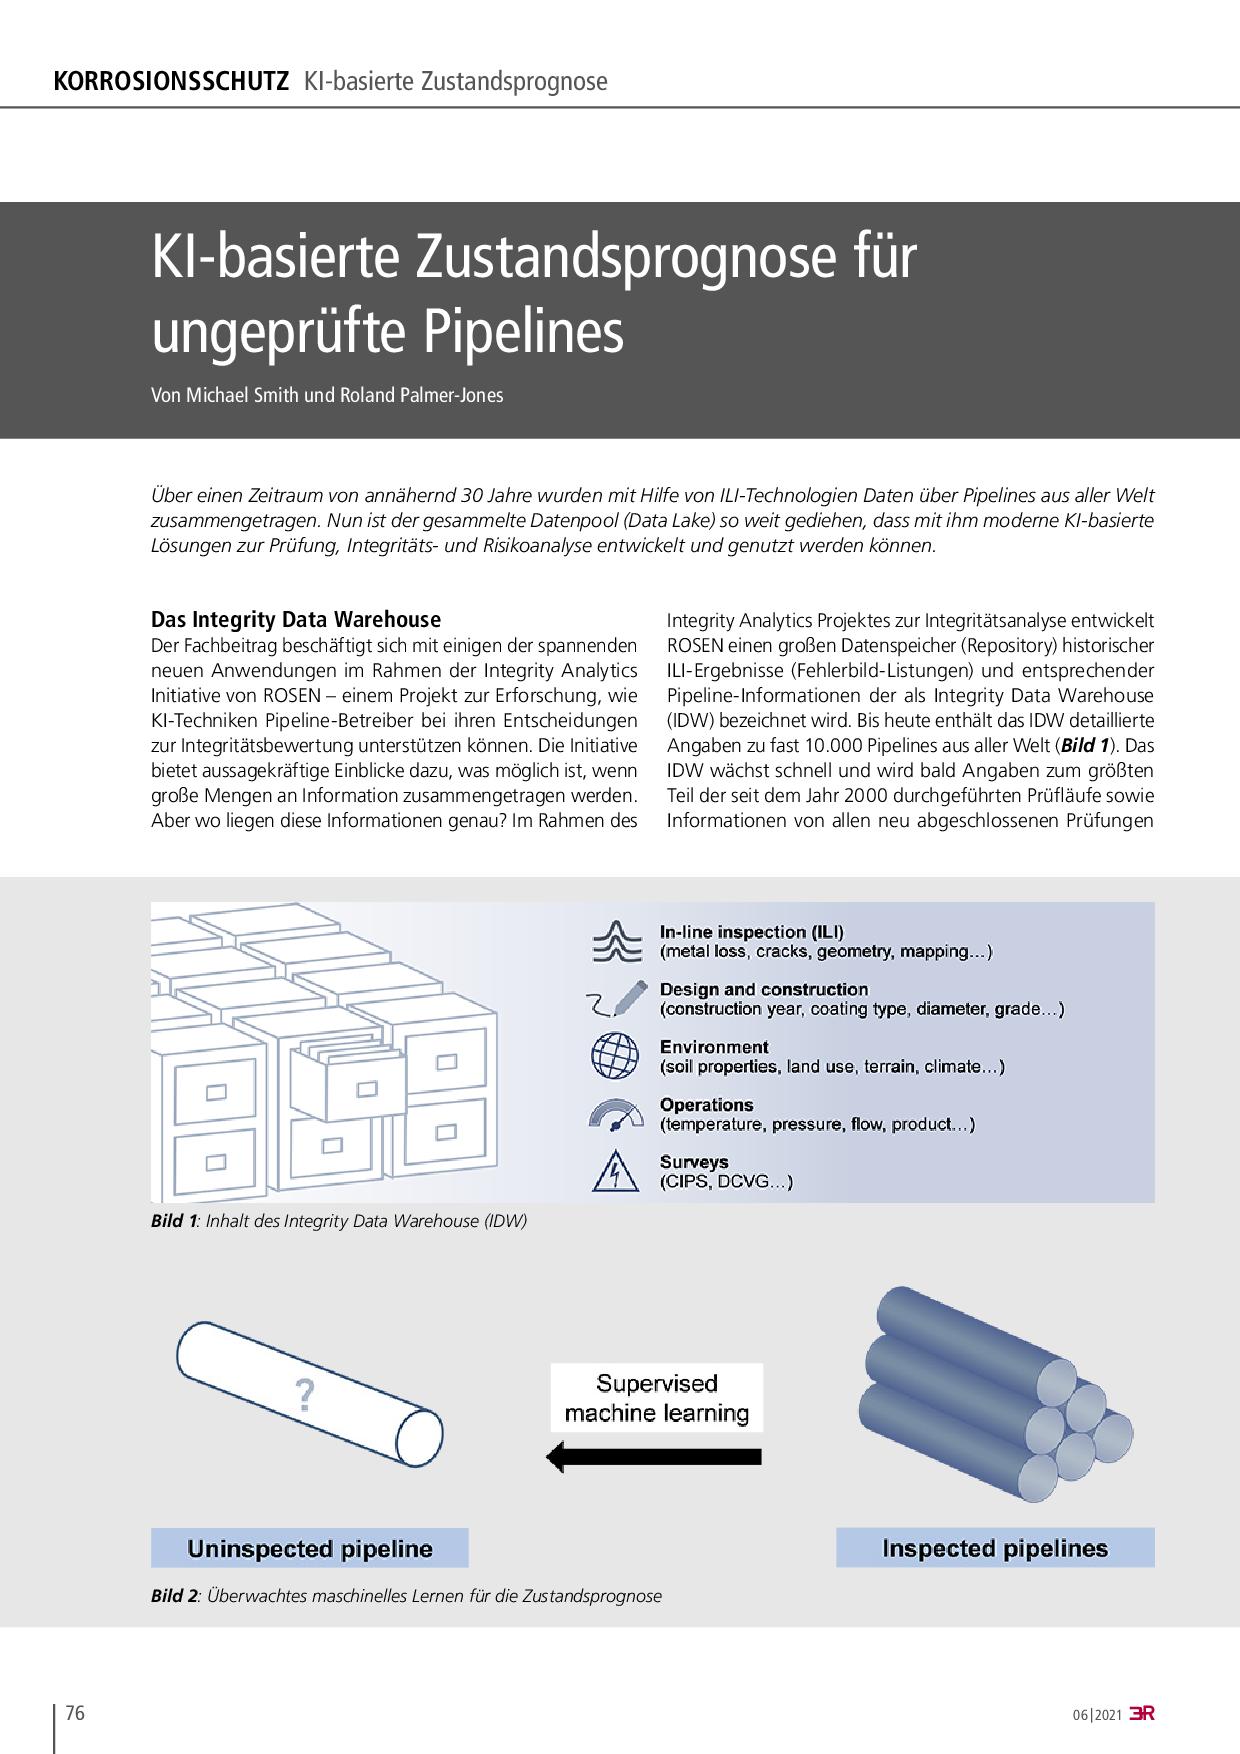 KI-basierte Zustandsprognose für ungeprüfte Pipelines